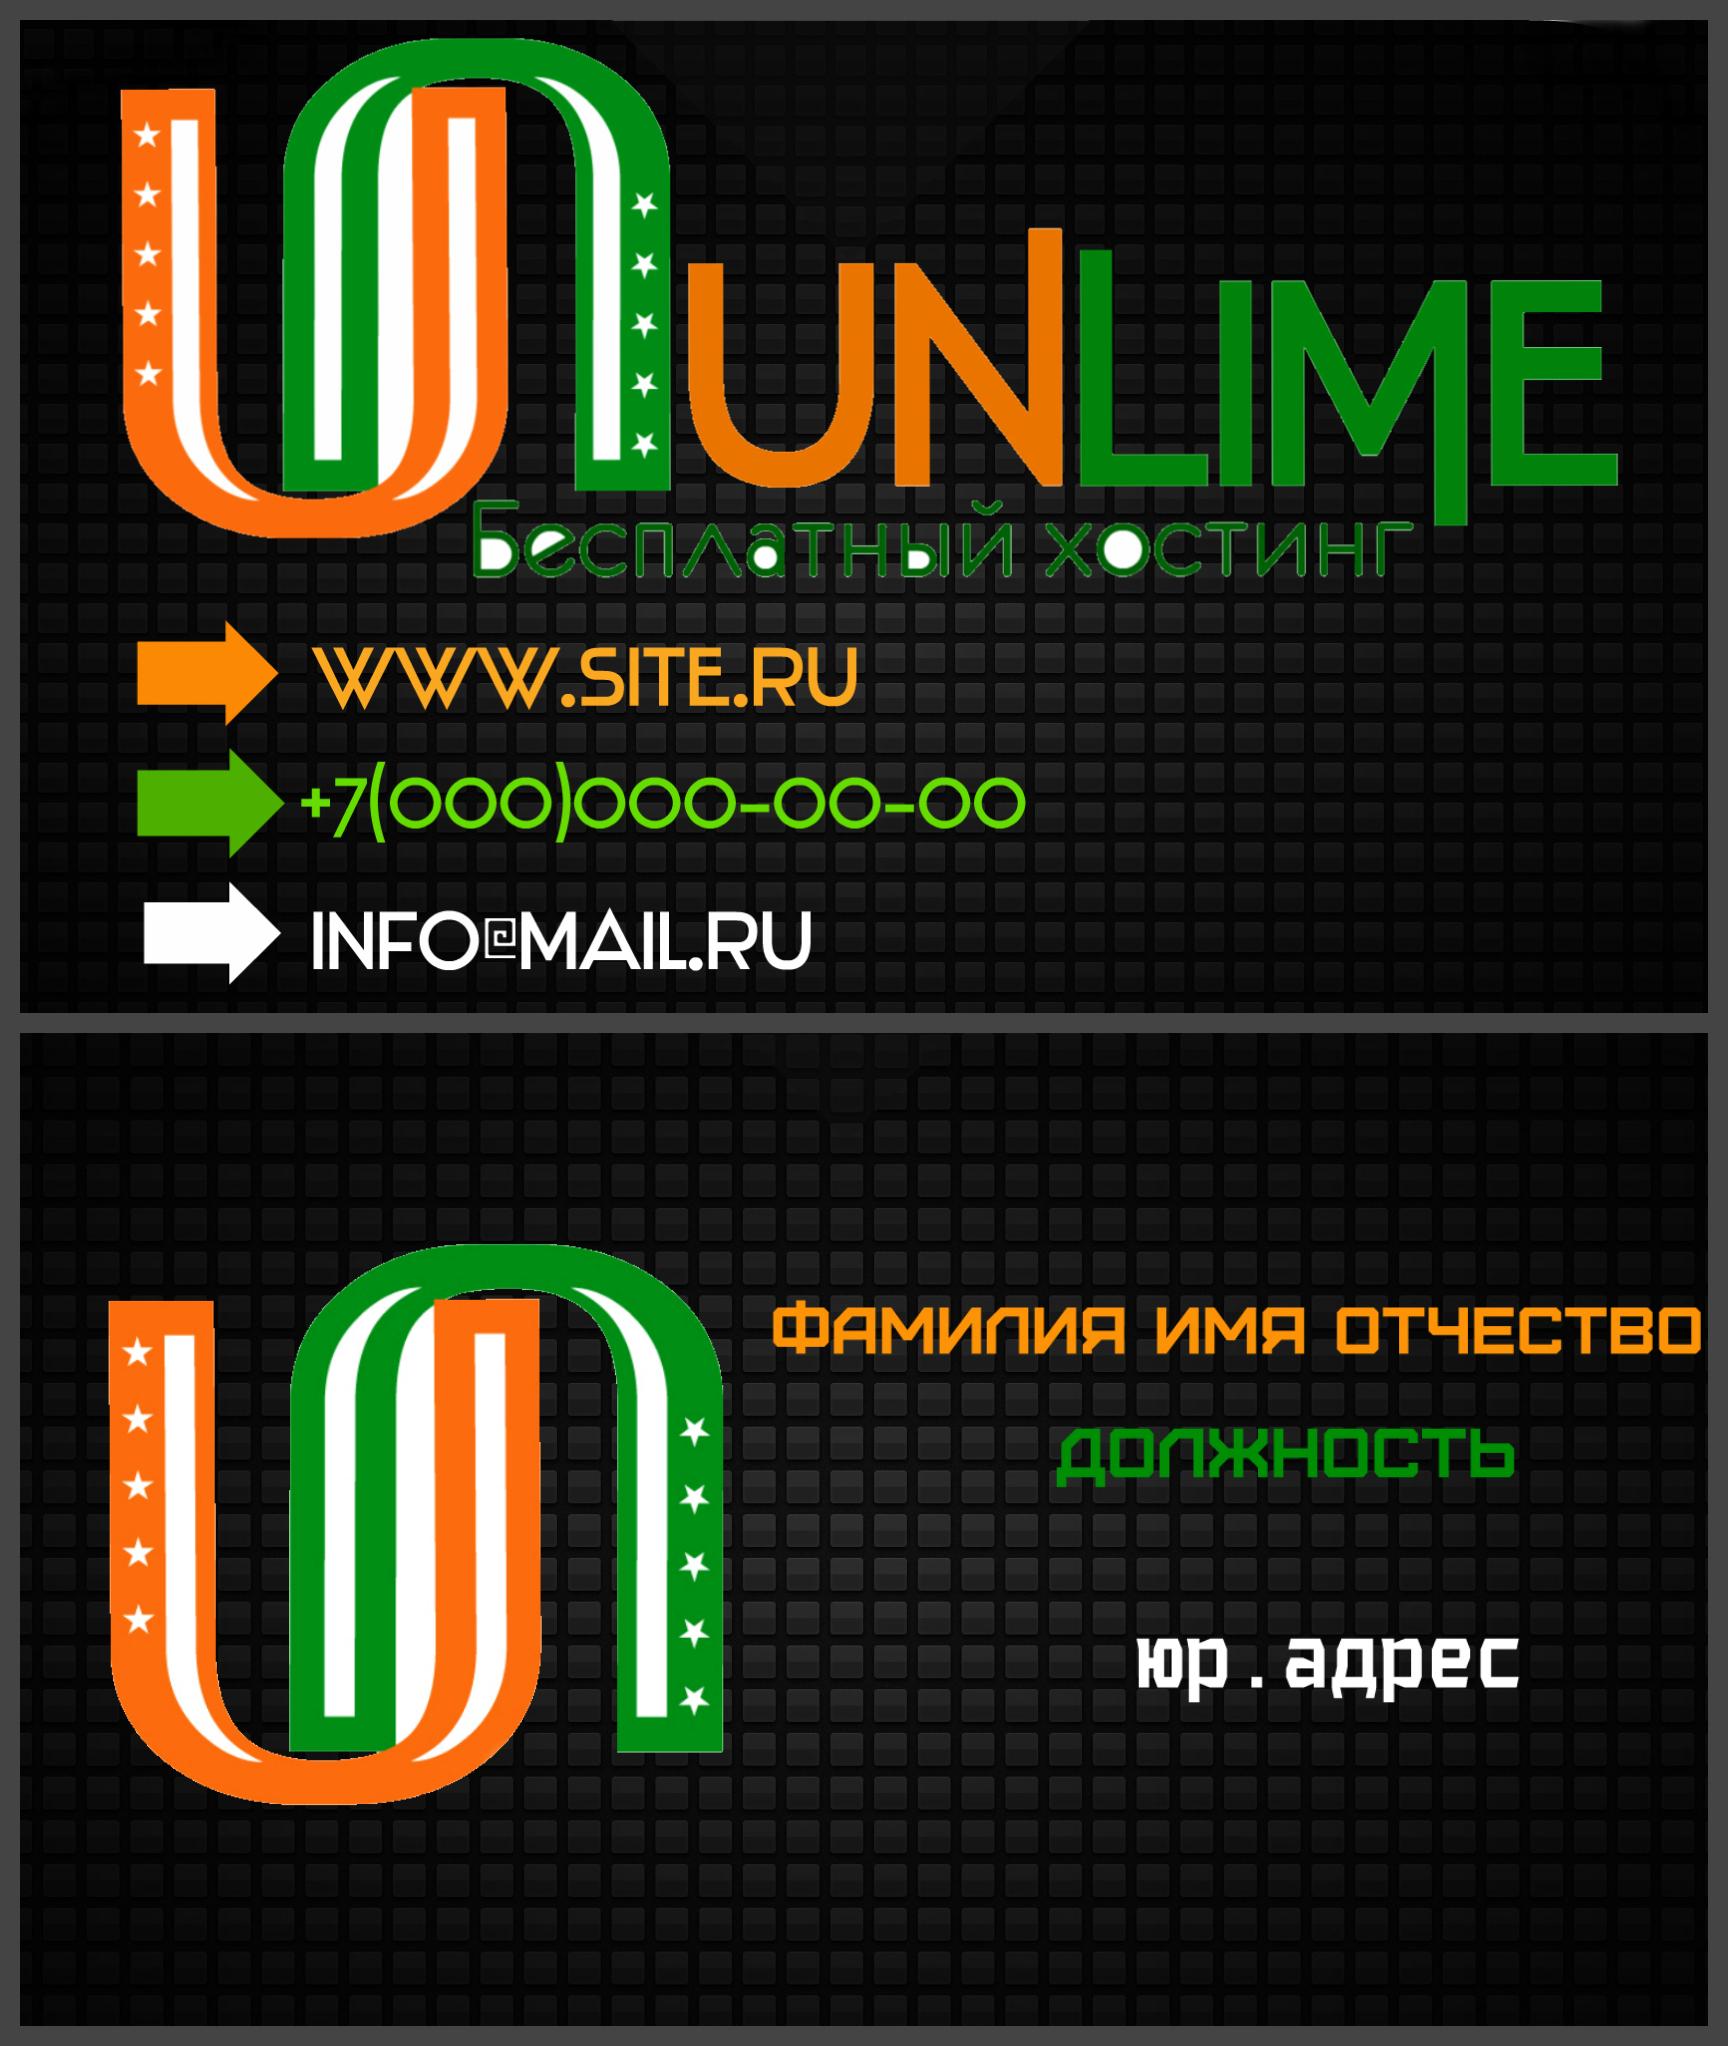 Разработка логотипа и фирменного стиля фото f_116595e30108606d.jpg